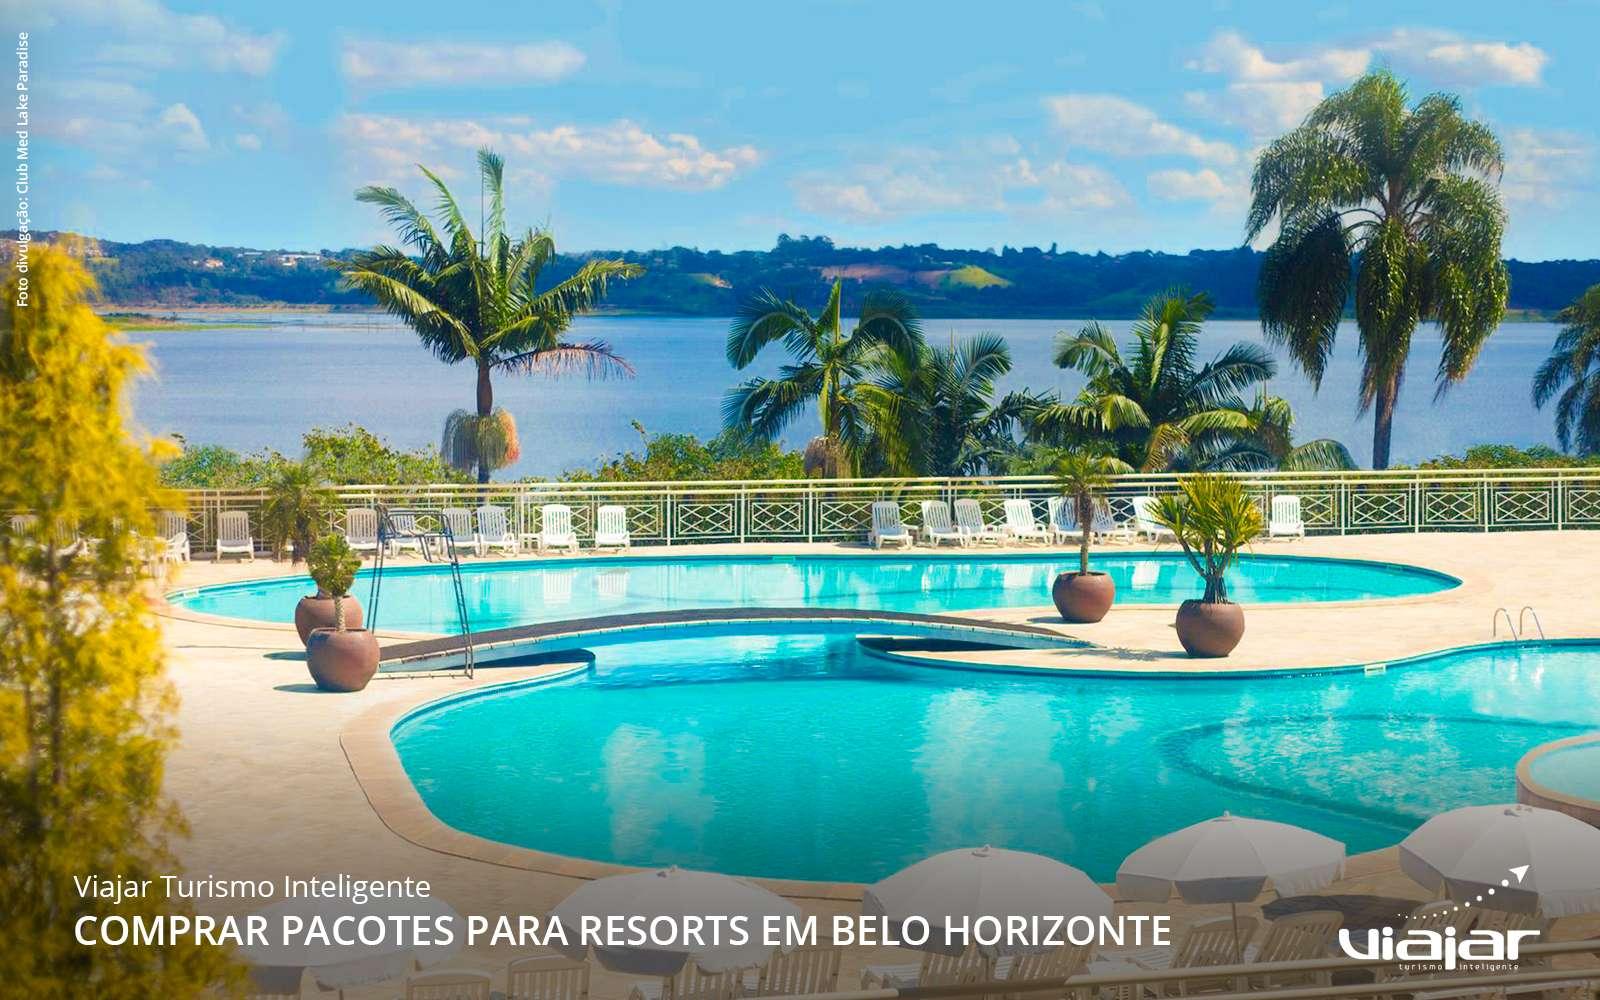 viajar-turismo-inteligente-comprar-pacotes-resorts-belo-horizonte-minas-gerais-16-1